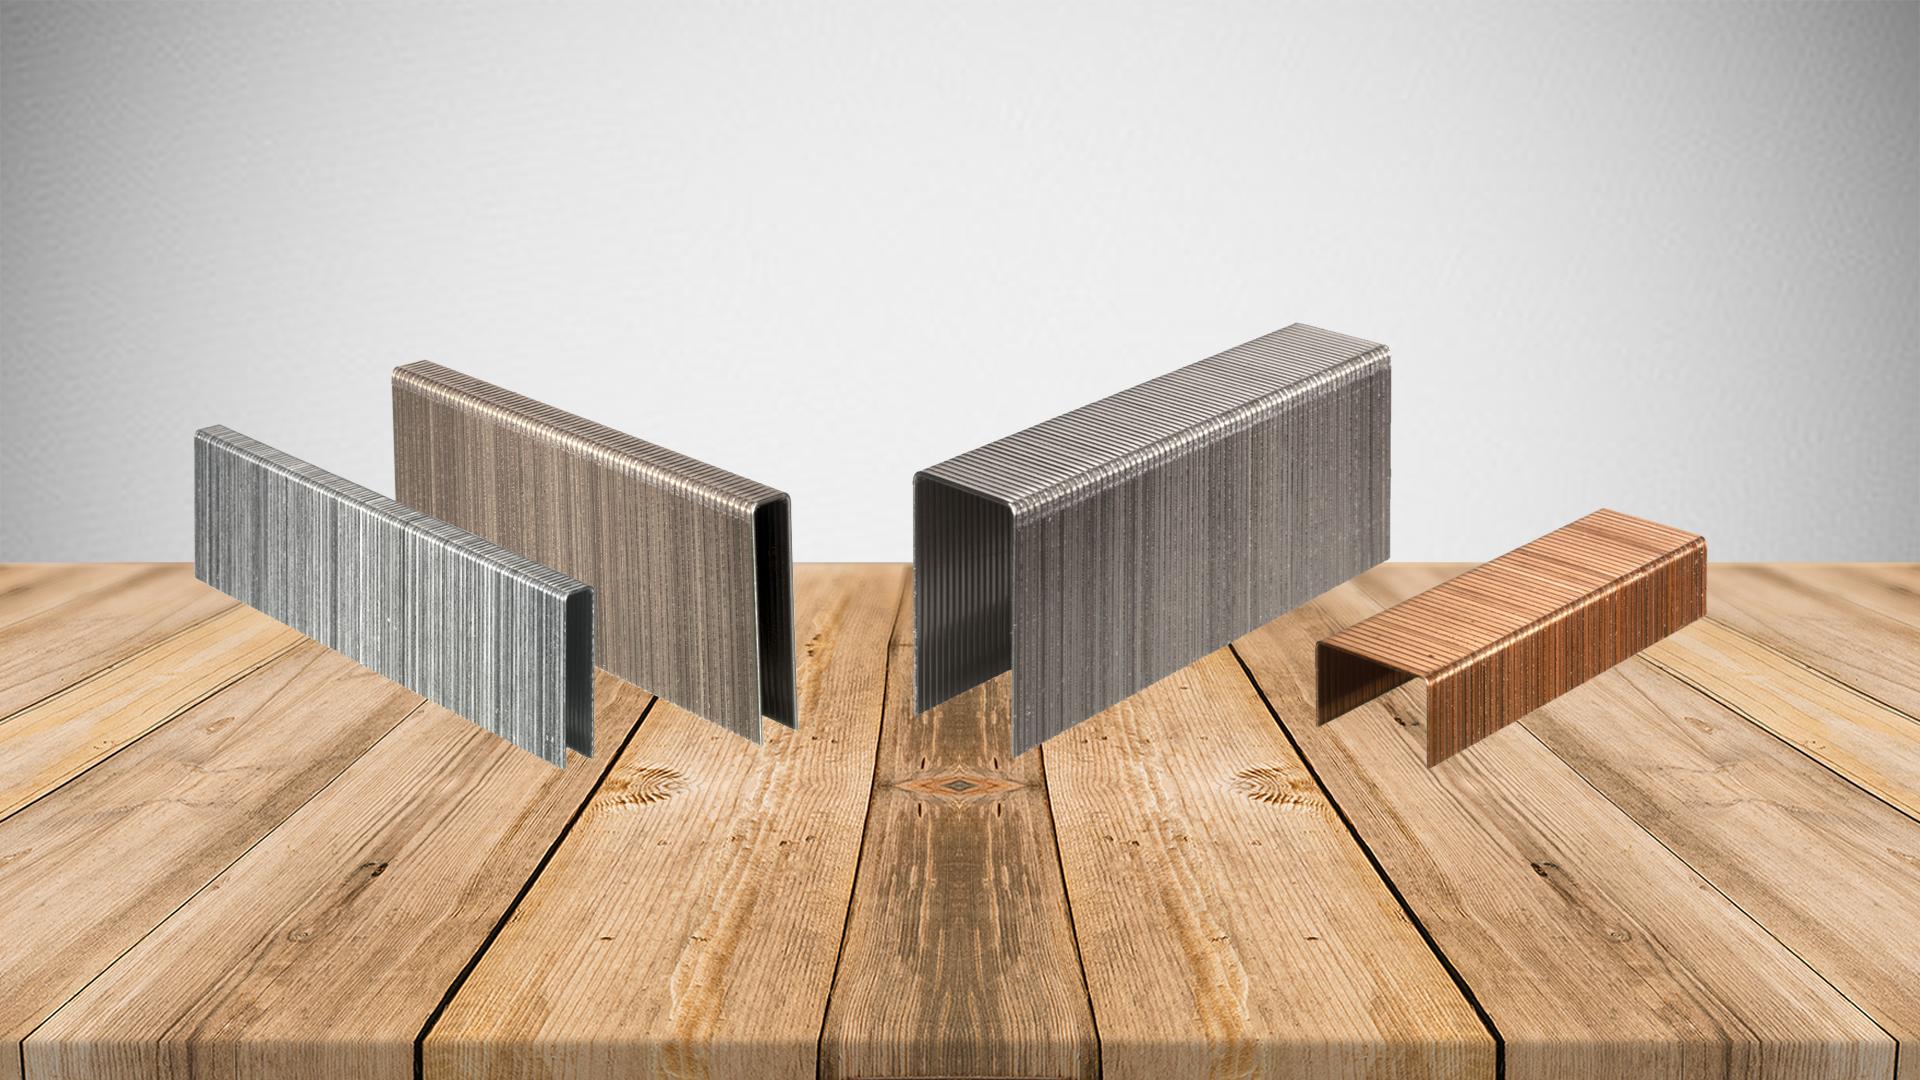 choisir ses agrafes pour son agrafeuse pneumatique blog de novi clous. Black Bedroom Furniture Sets. Home Design Ideas